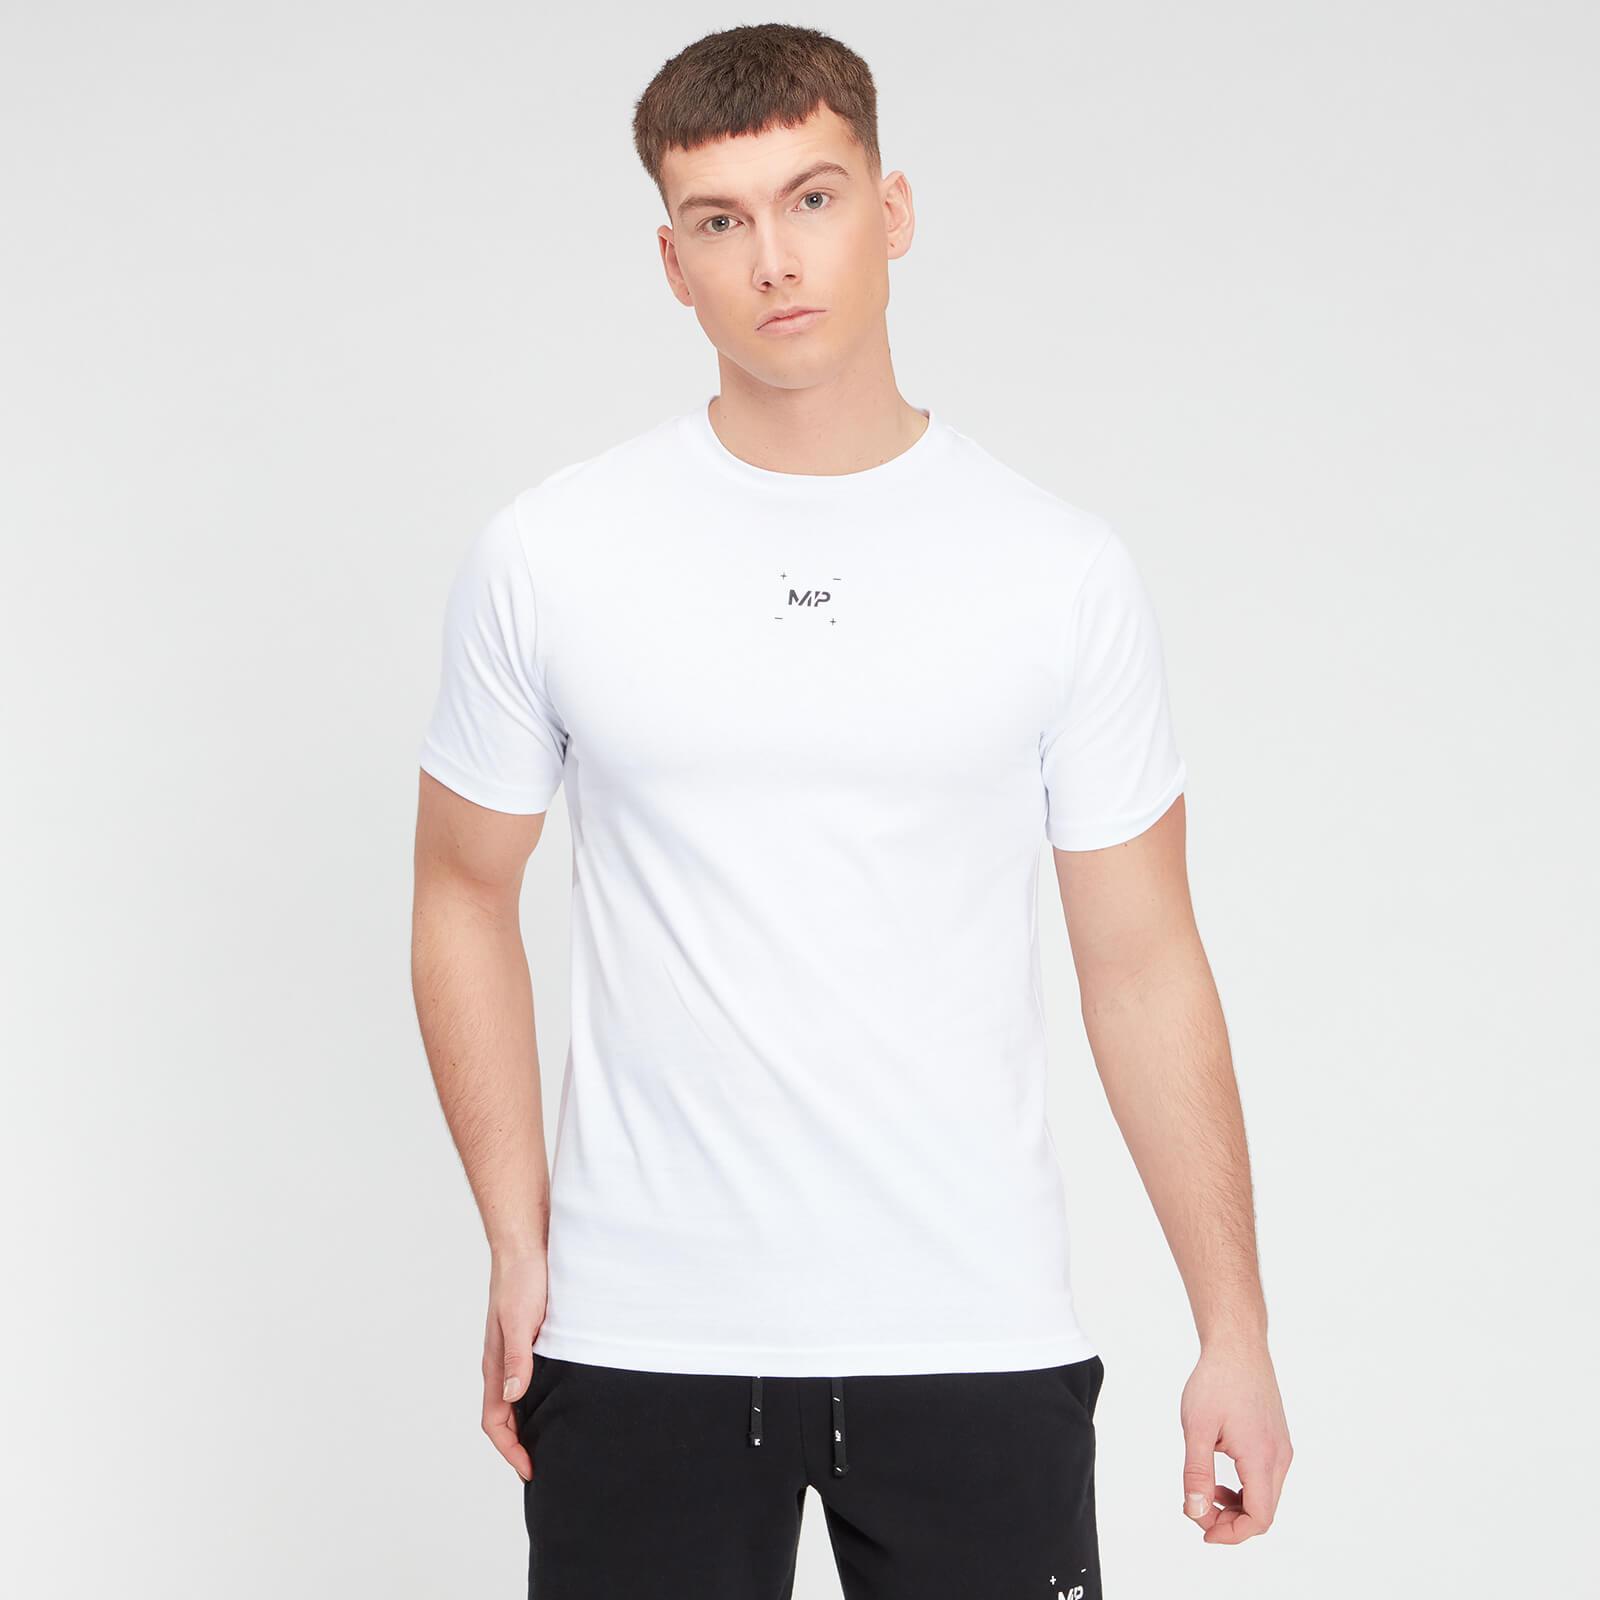 Купить MP Men's Central Graphic Short Sleeve T-Shirt - White - XXXL, Myprotein International